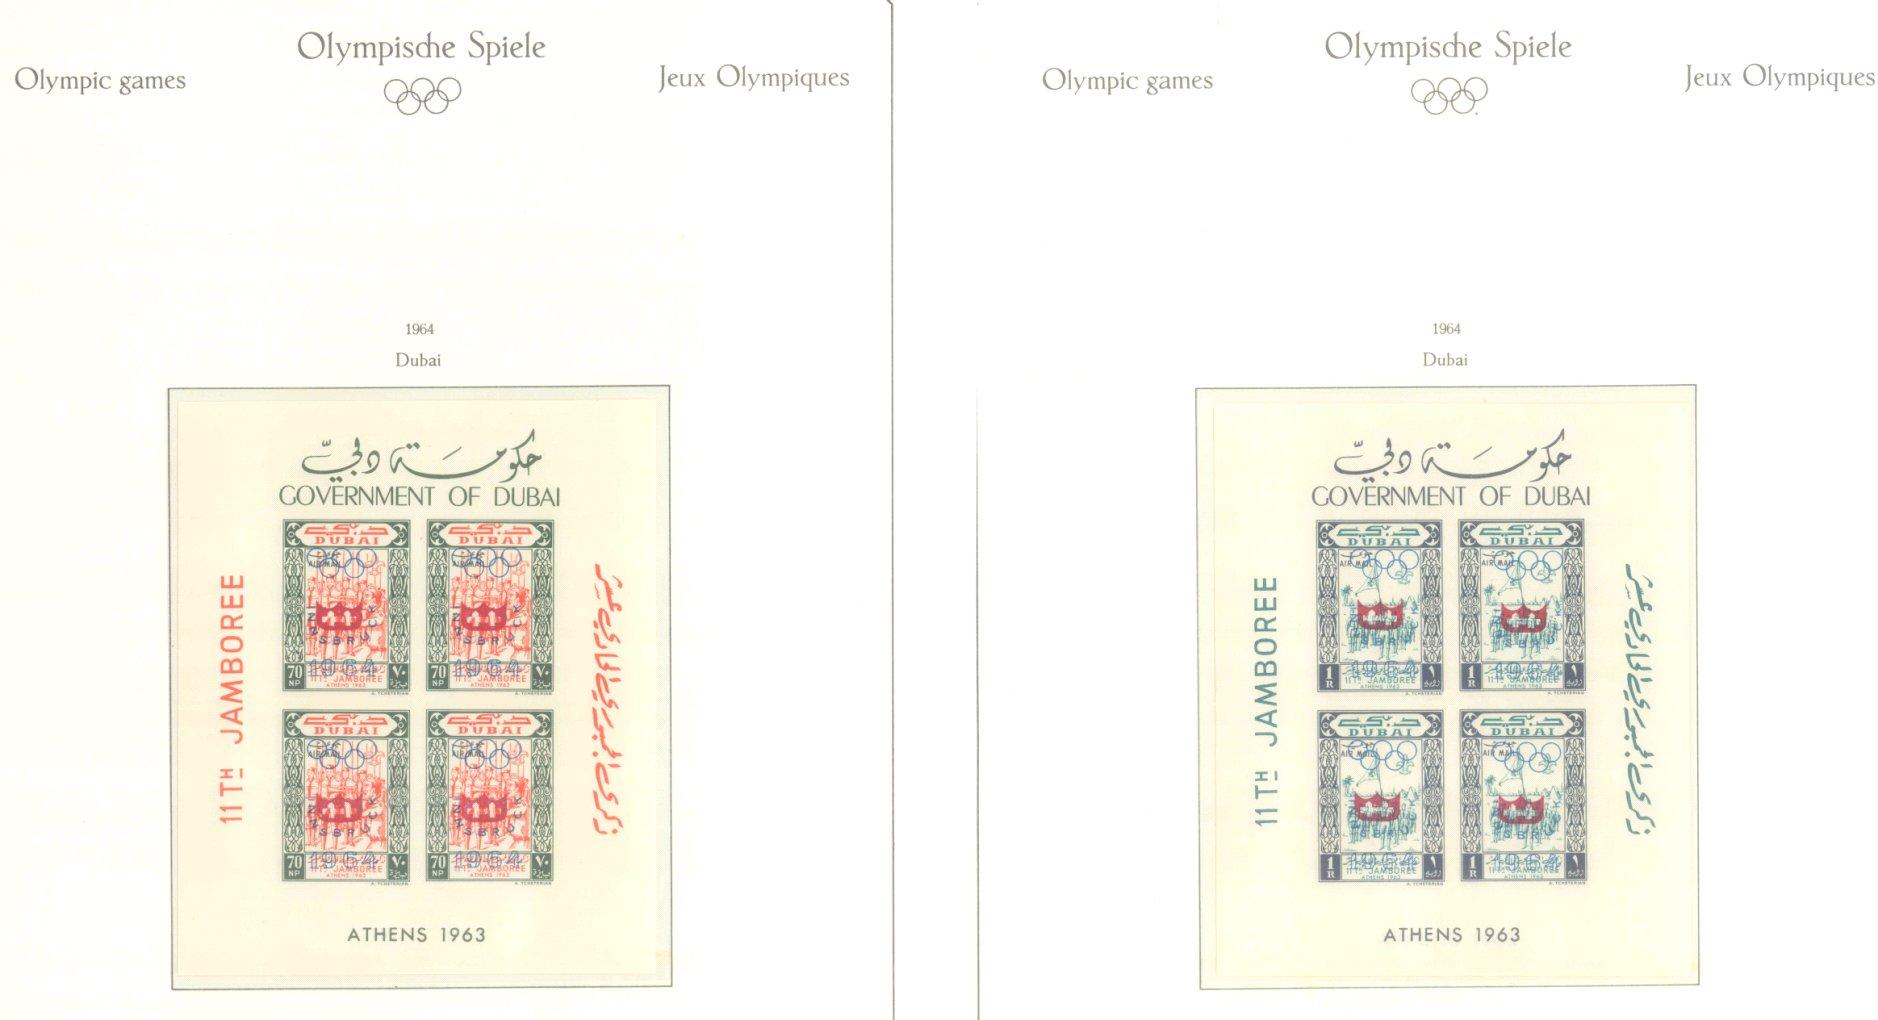 OLYMPISCHE SPIELE 1964 TOKIO, postfrische Sammlung Teil 1-9